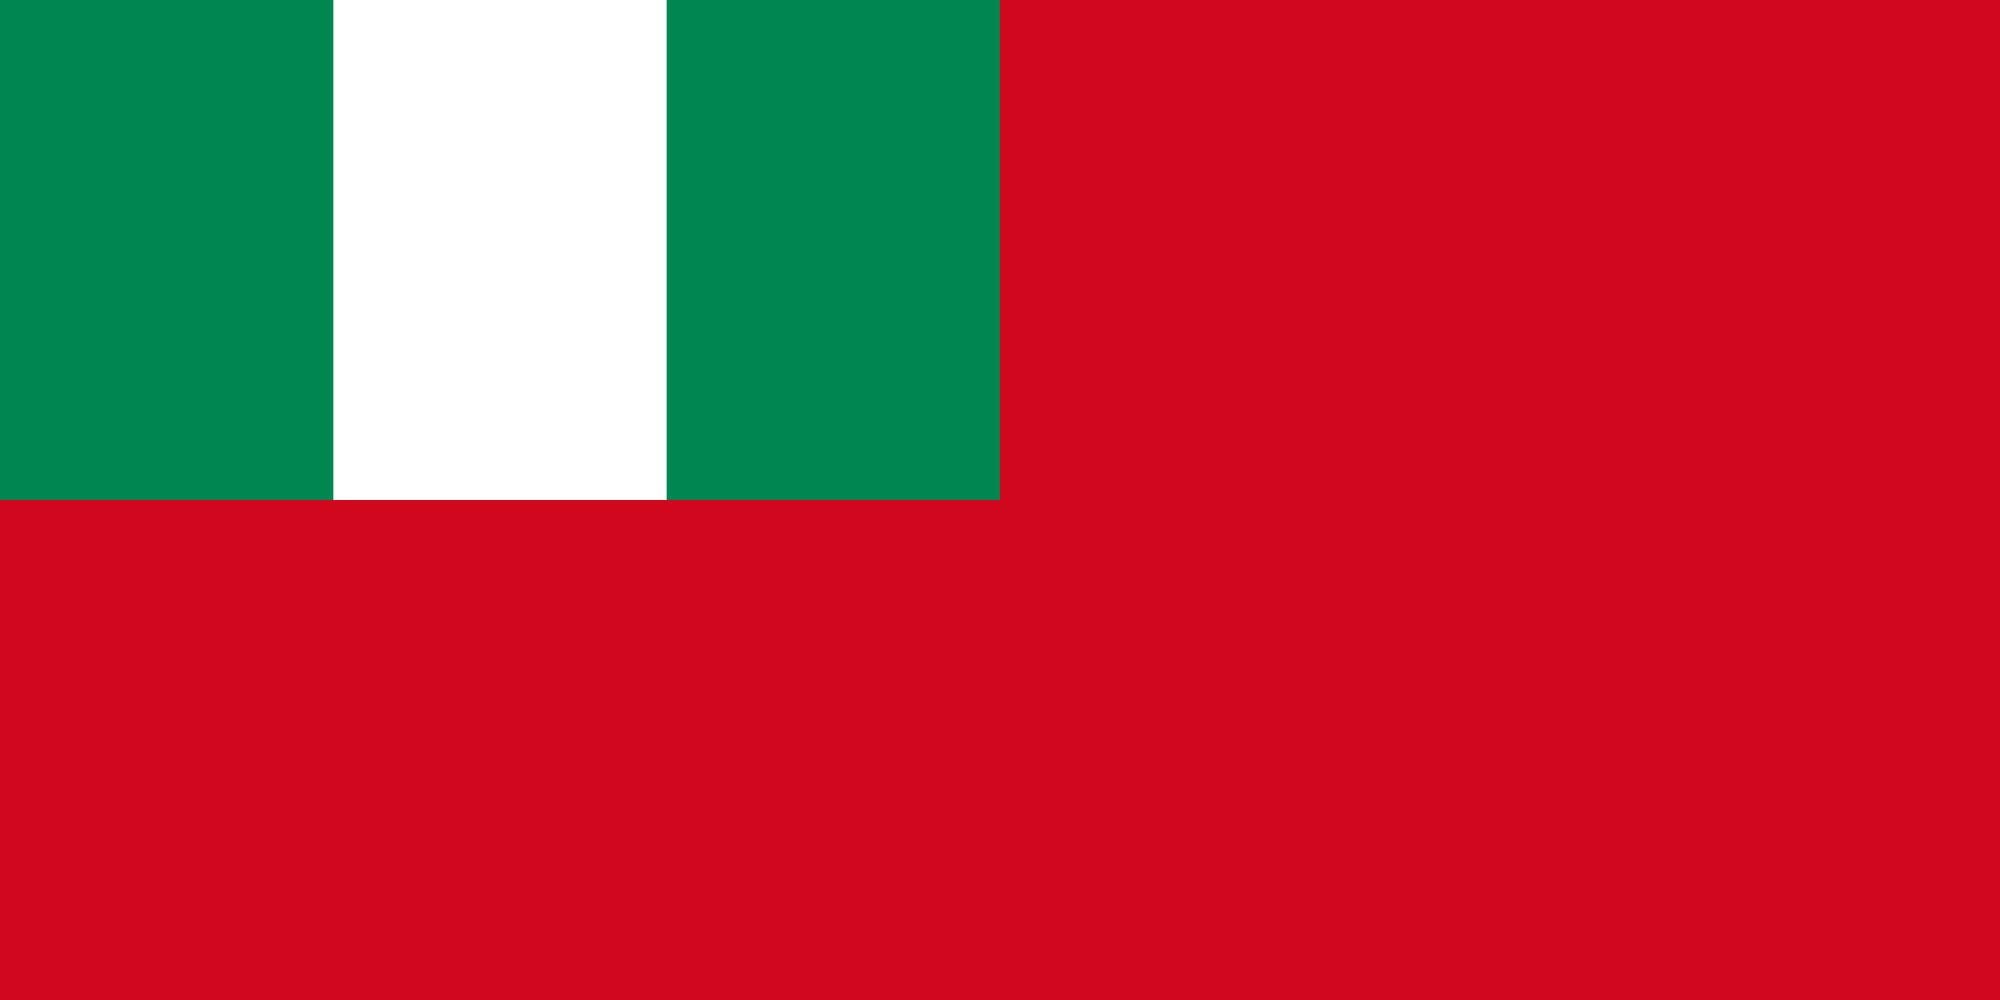 Nigeria (Civil ensign)